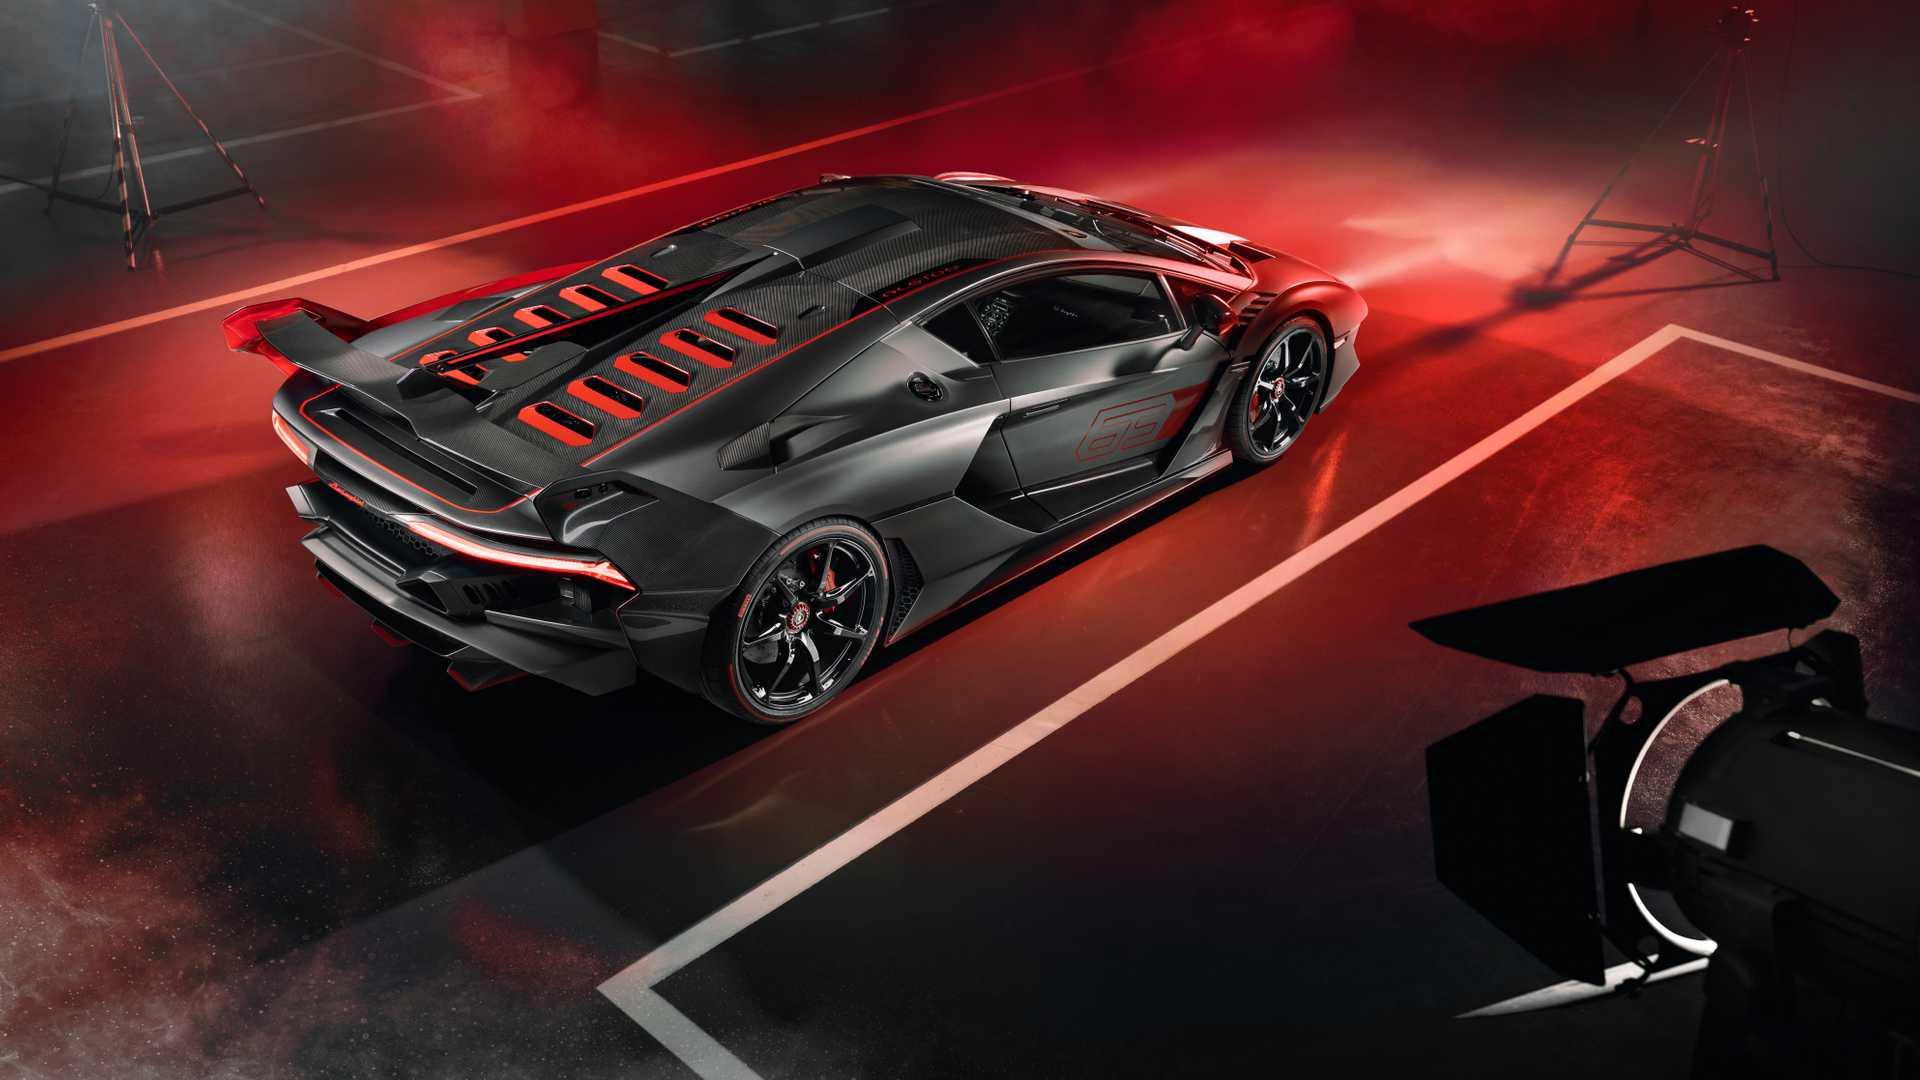 Hybrid Car Lineup Wallpaper 2018 Lamborghini Phev Incoming Aventador And Huracan